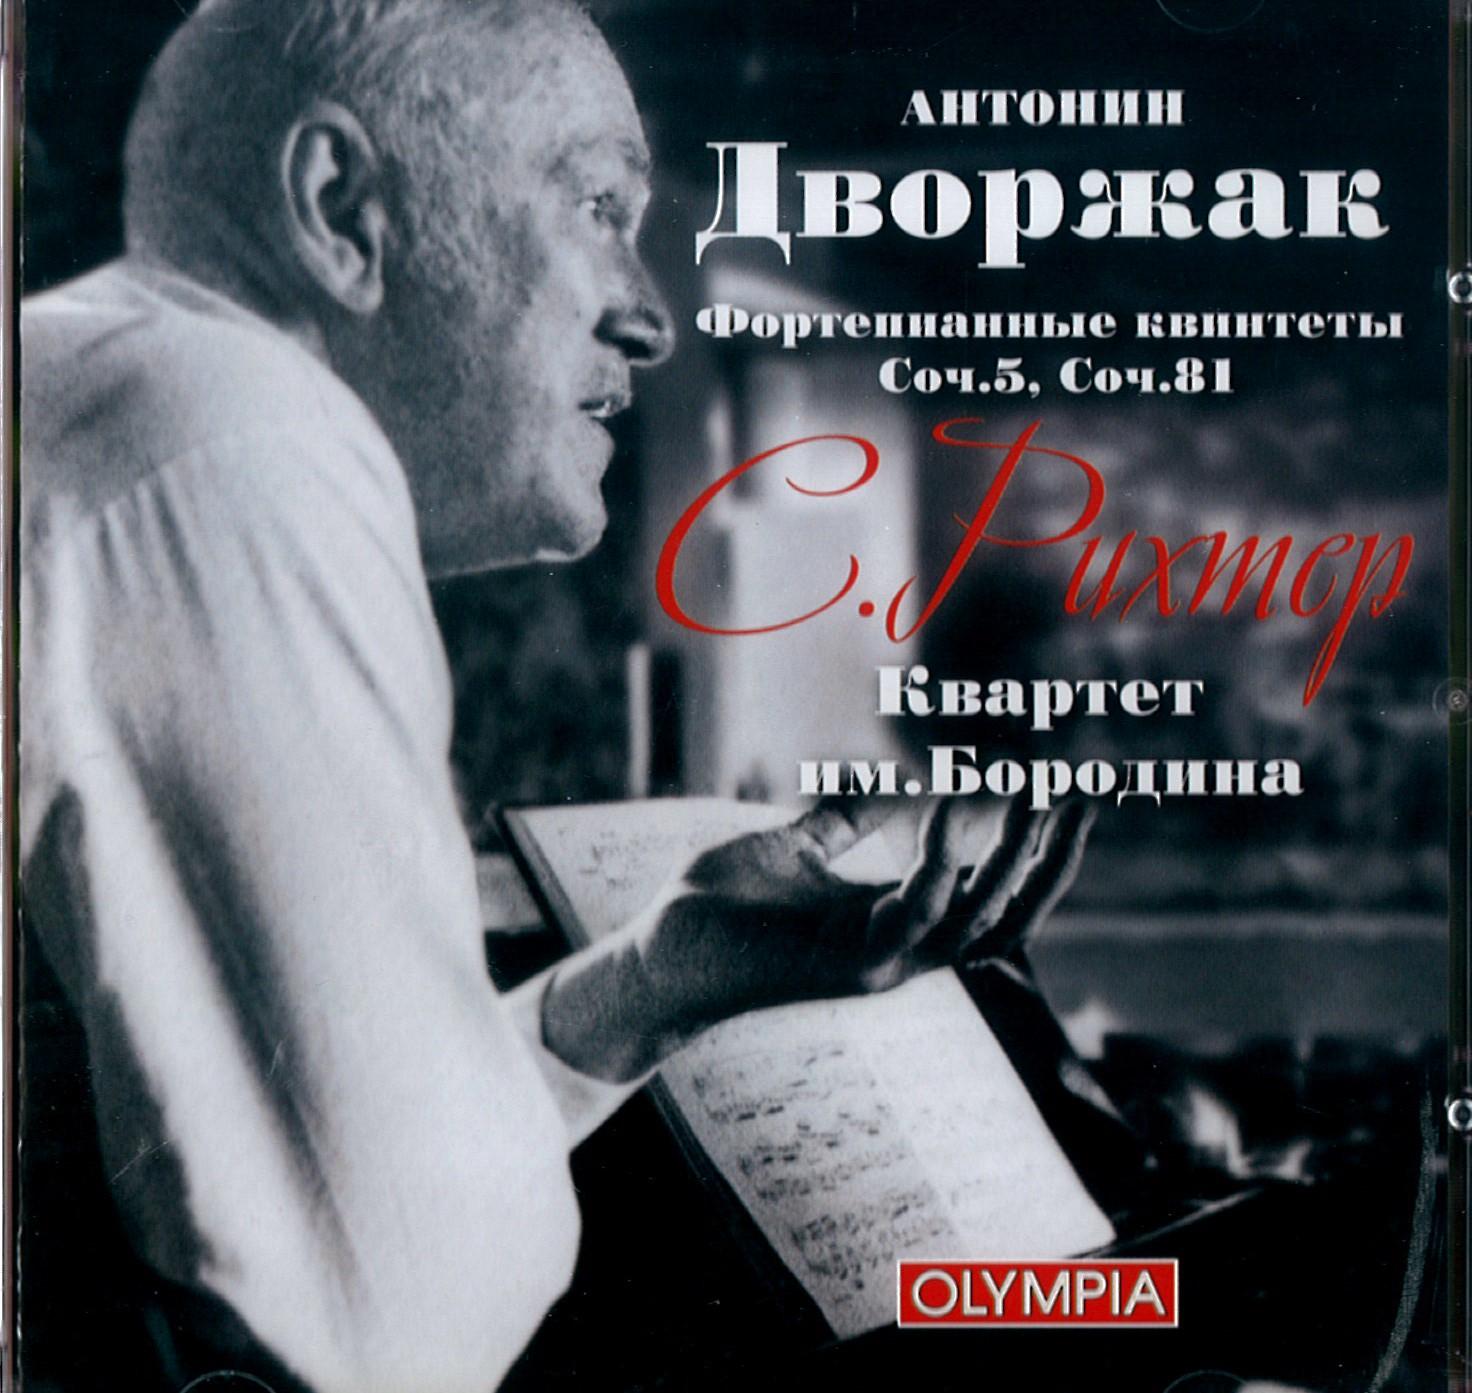 Sviatoslav Richter, Borodin Quartet. Dvorak. Piano Quintets in A, Op.5 & Op.81